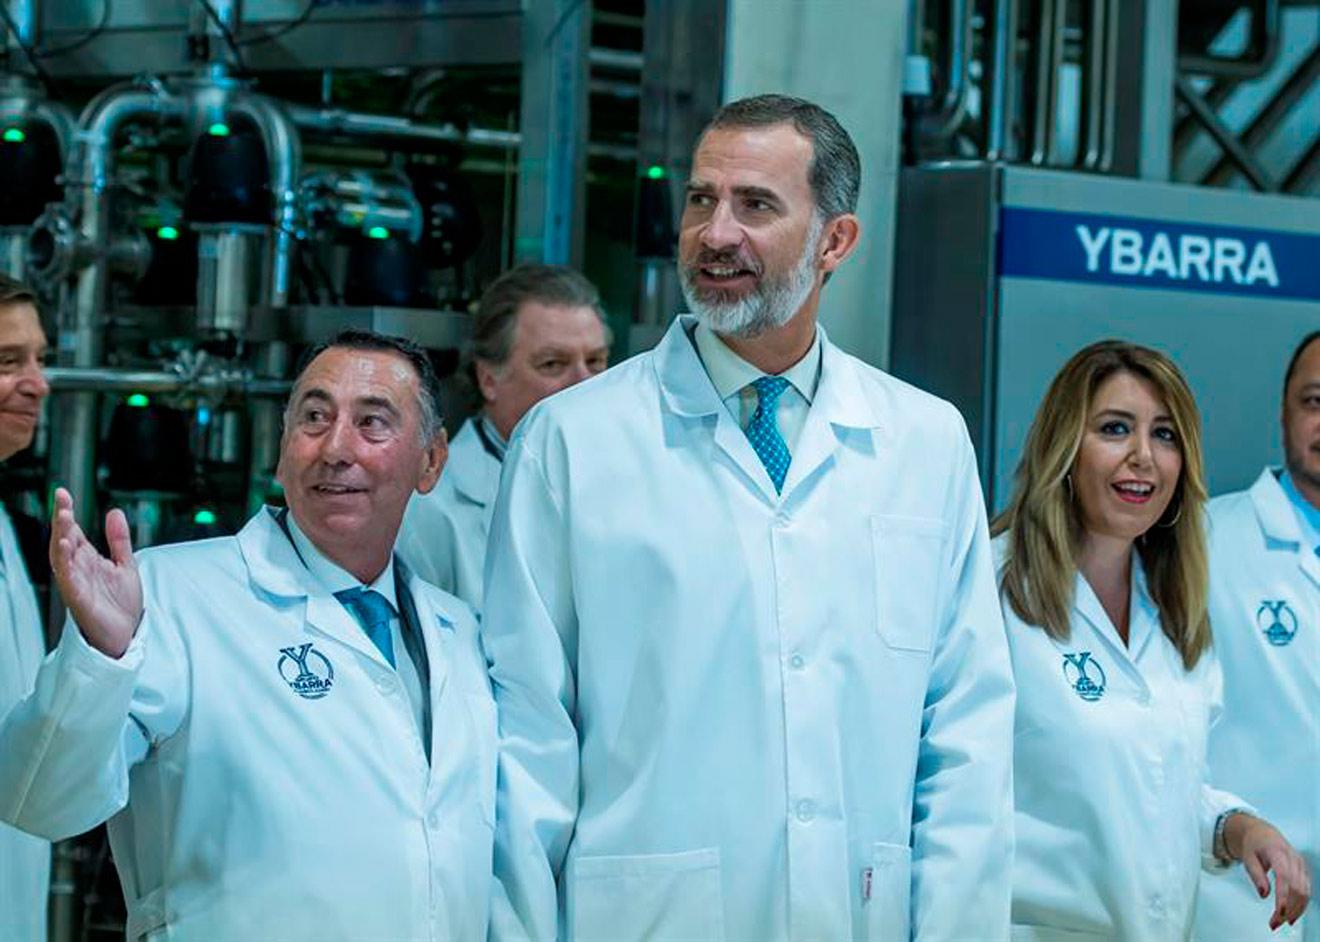 El rey Felipe VI inaugura la nueva fábrica de Ybarra en Dos Hermanas /Cedida